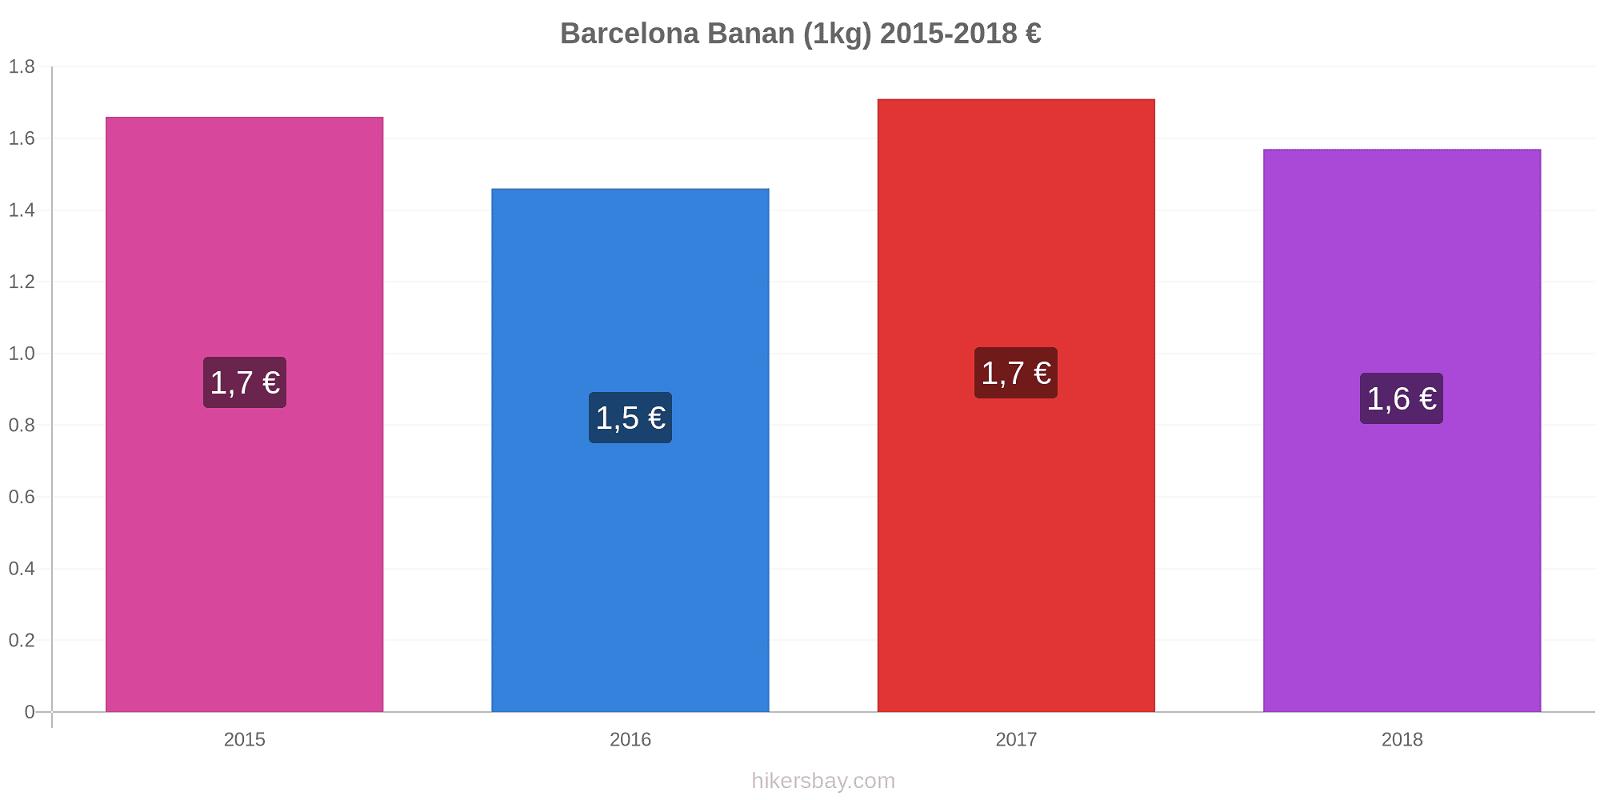 Barcelona prisændringer Banan (1kg) hikersbay.com